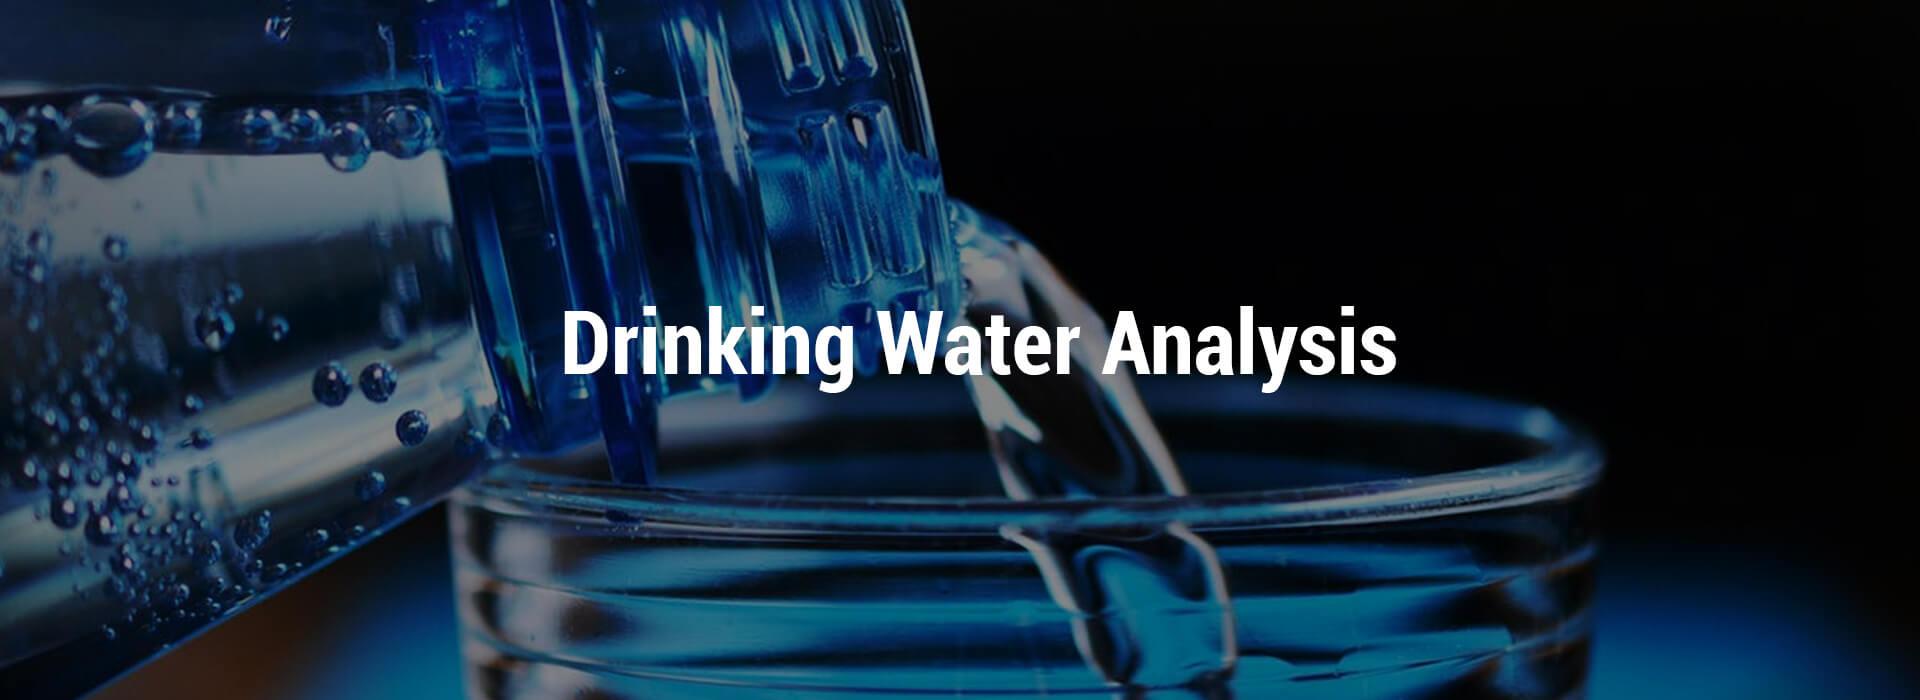 SP-vaccumn-water-header